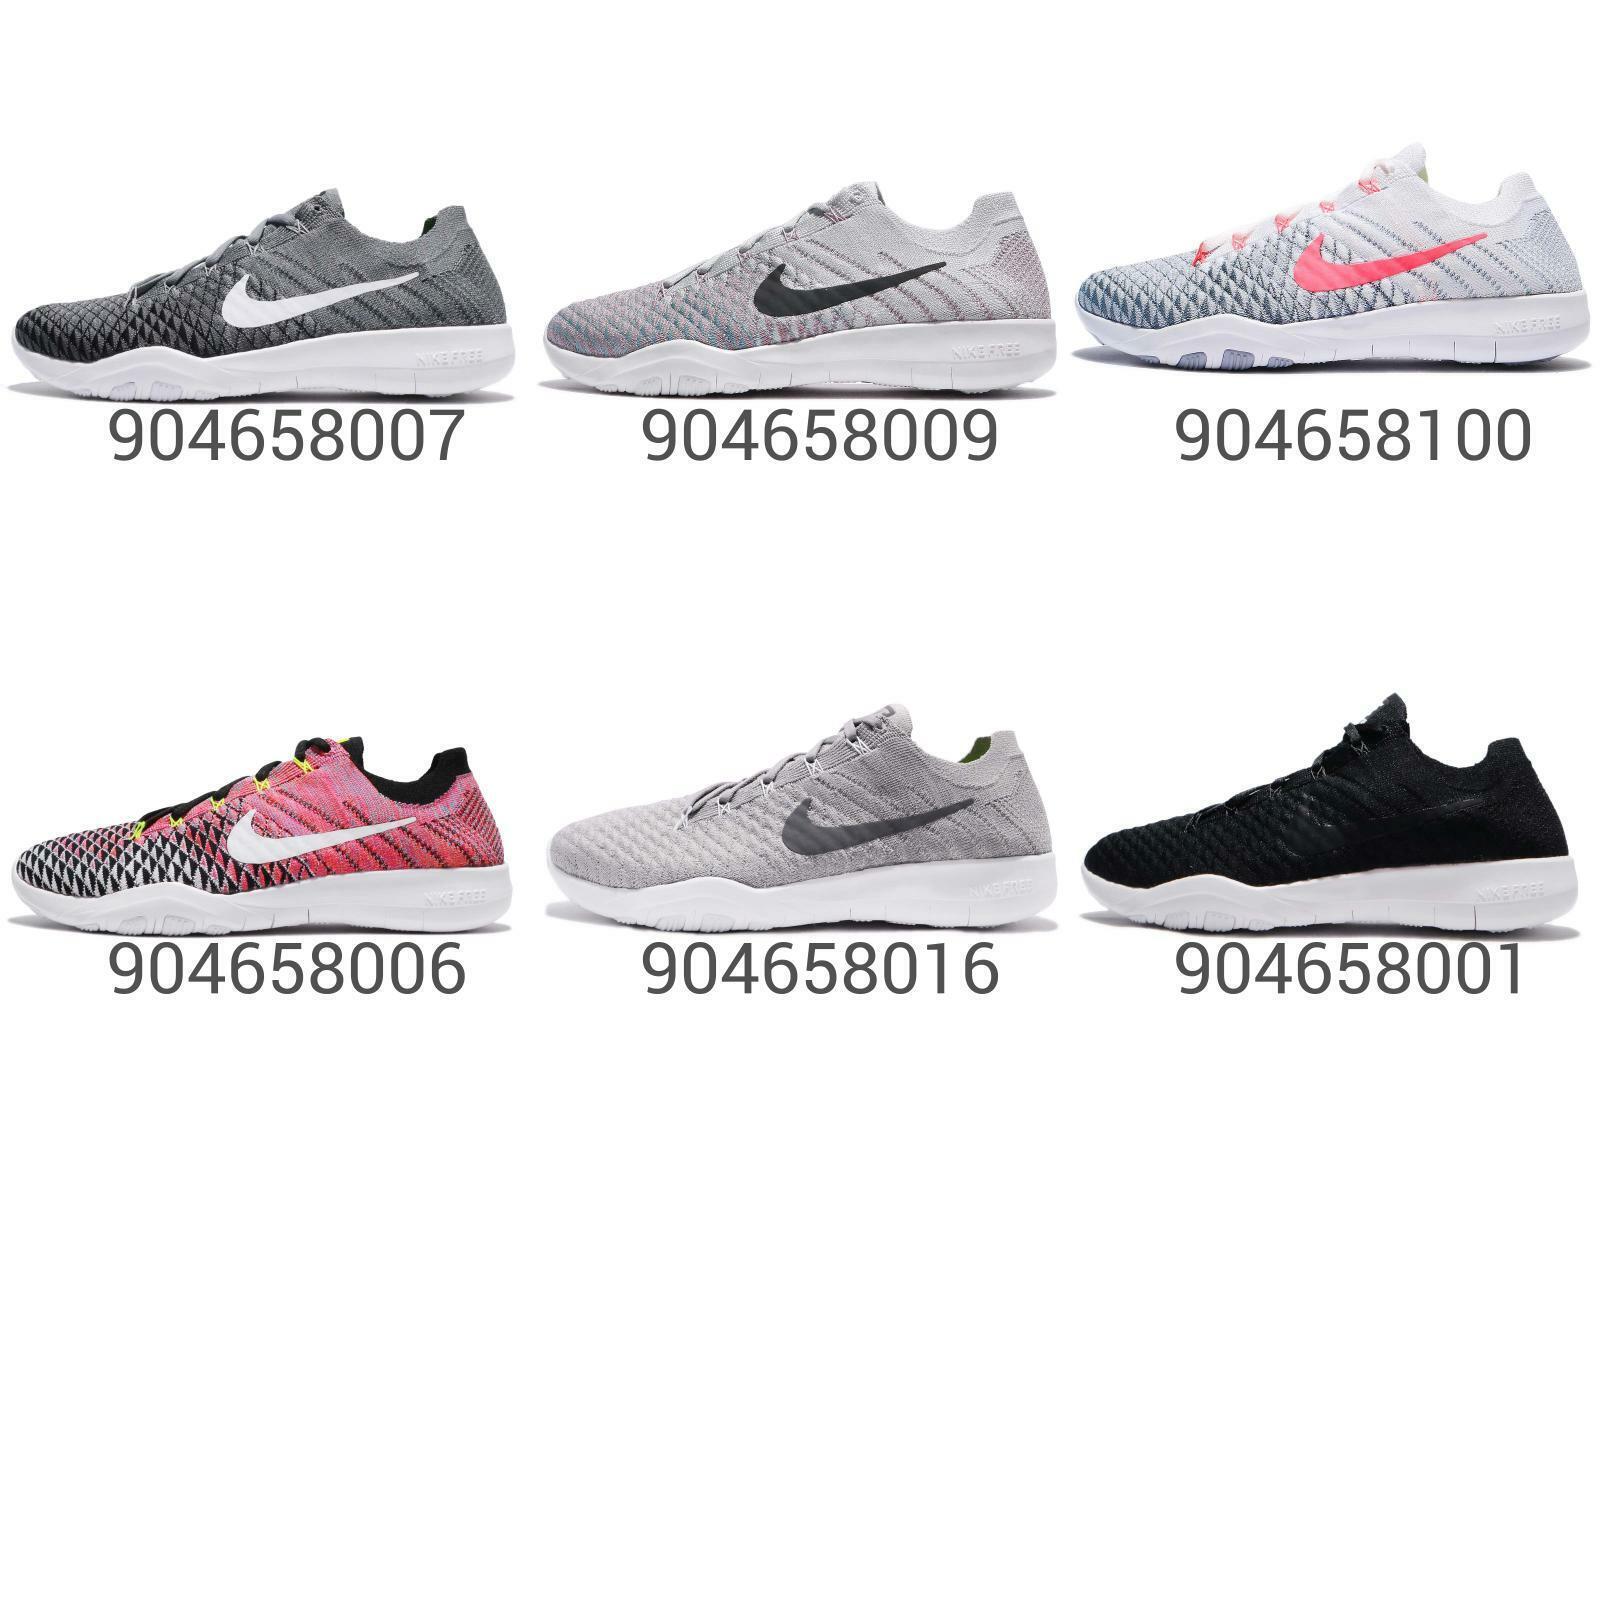 Wmns Nike Free TR Flyknit 2 II FK Women Cross Training Gym shoes Trainers Pick 1